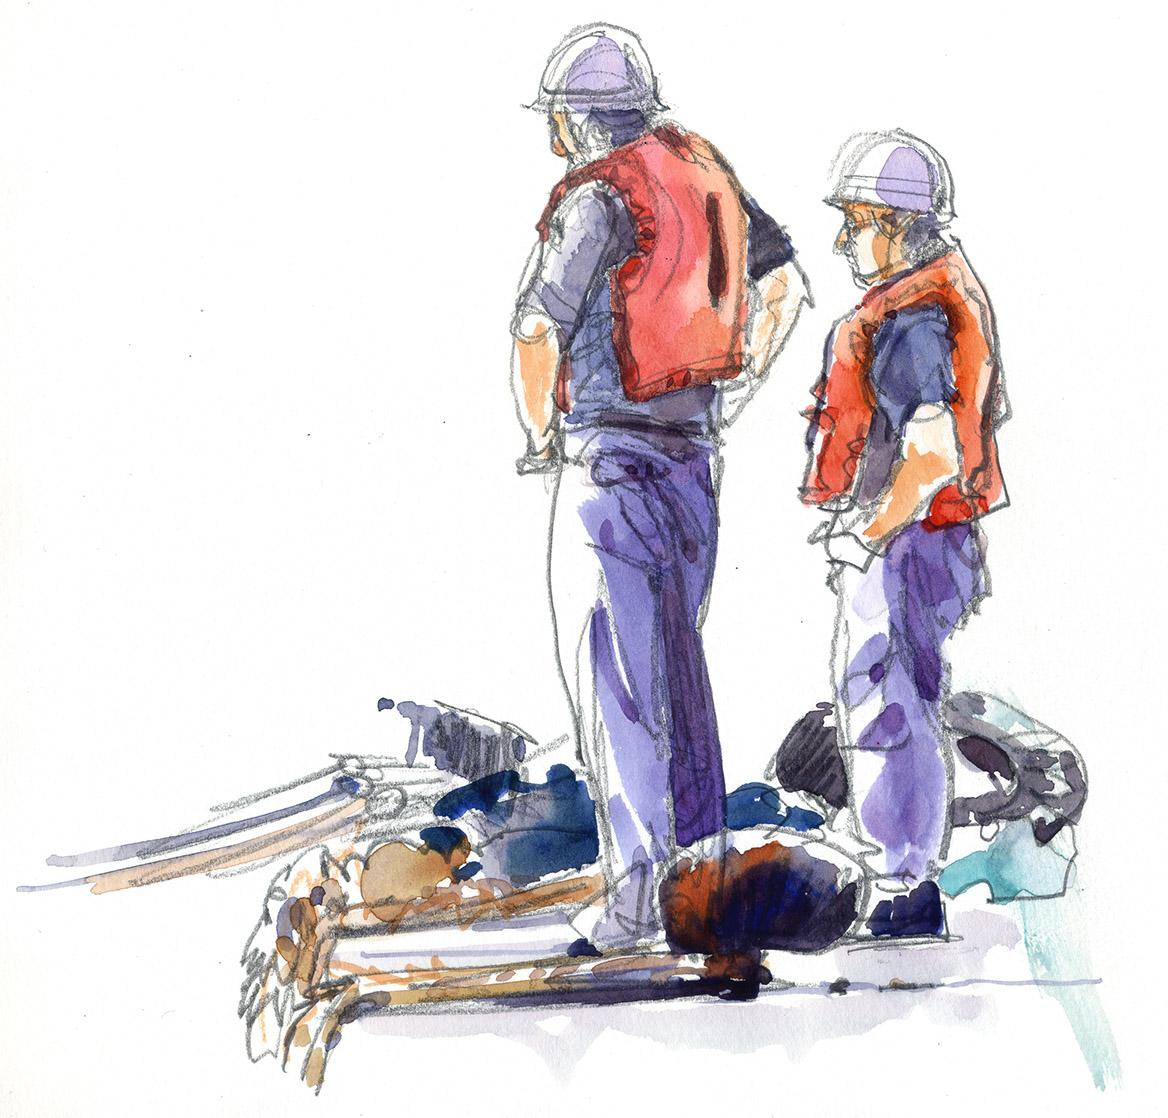 菖蒲田漁港の岸壁から港を見つめる作業員 この本を見ると、灯台を描いた絵... 絵で歌う、「三陸讃